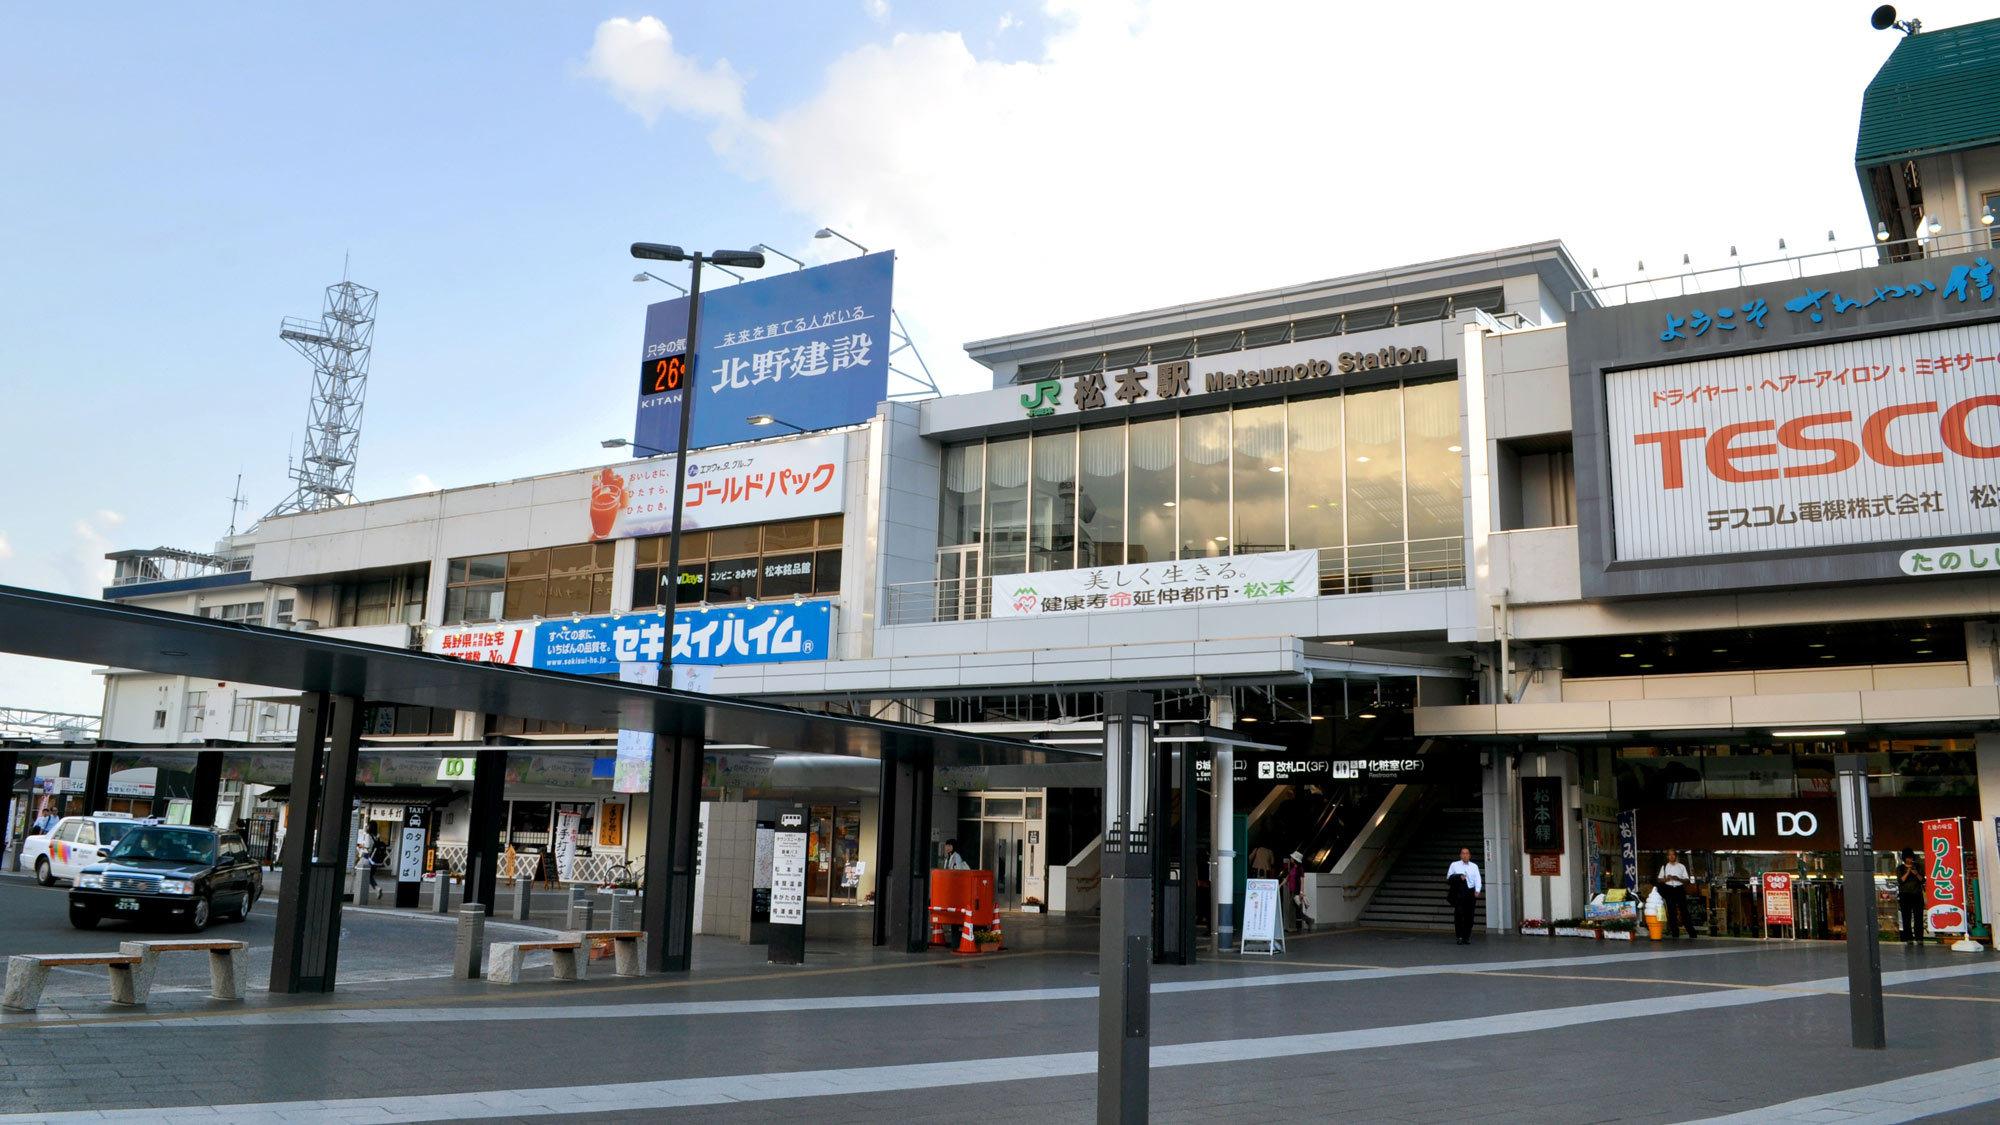 【JR松本駅】松本の出入口、松本駅へは当館からお車にて約15分。